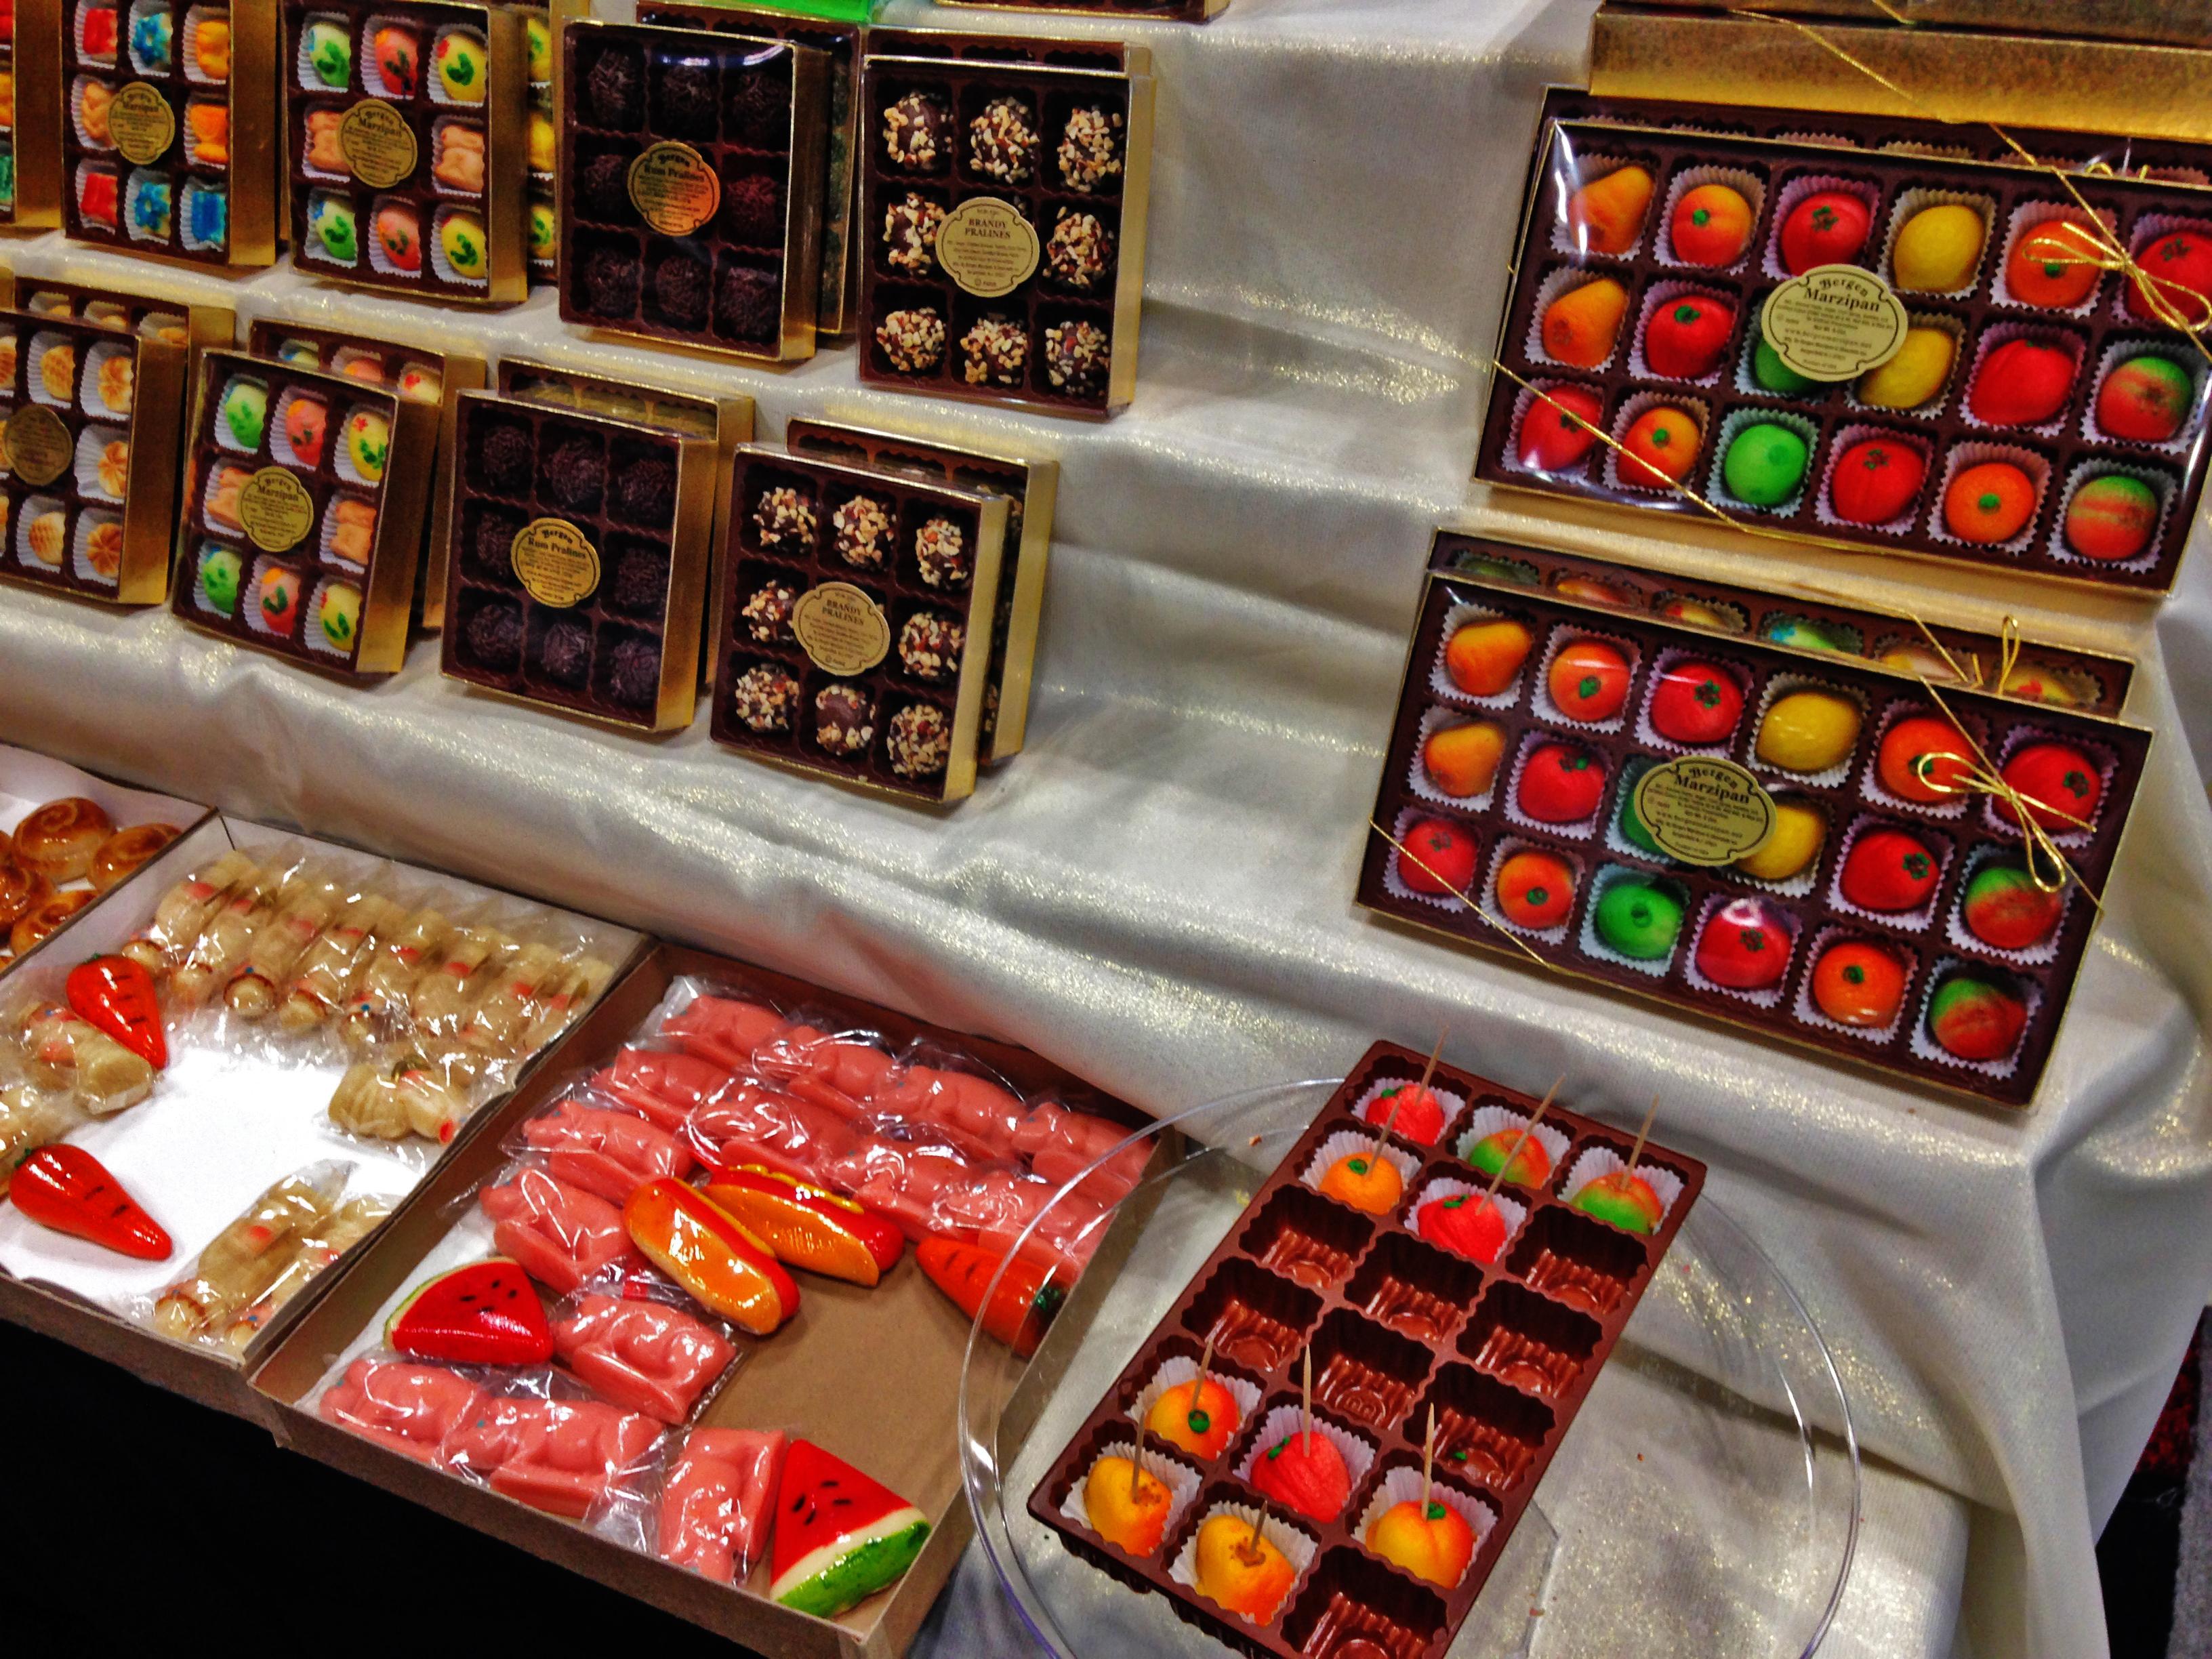 3264   2448 pixels  2017 Summer Fancy Food Show New York  2017 Summer Fancy Food Show New York  New York  USA  43  . Fancy Food Show New York Address. Home Design Ideas